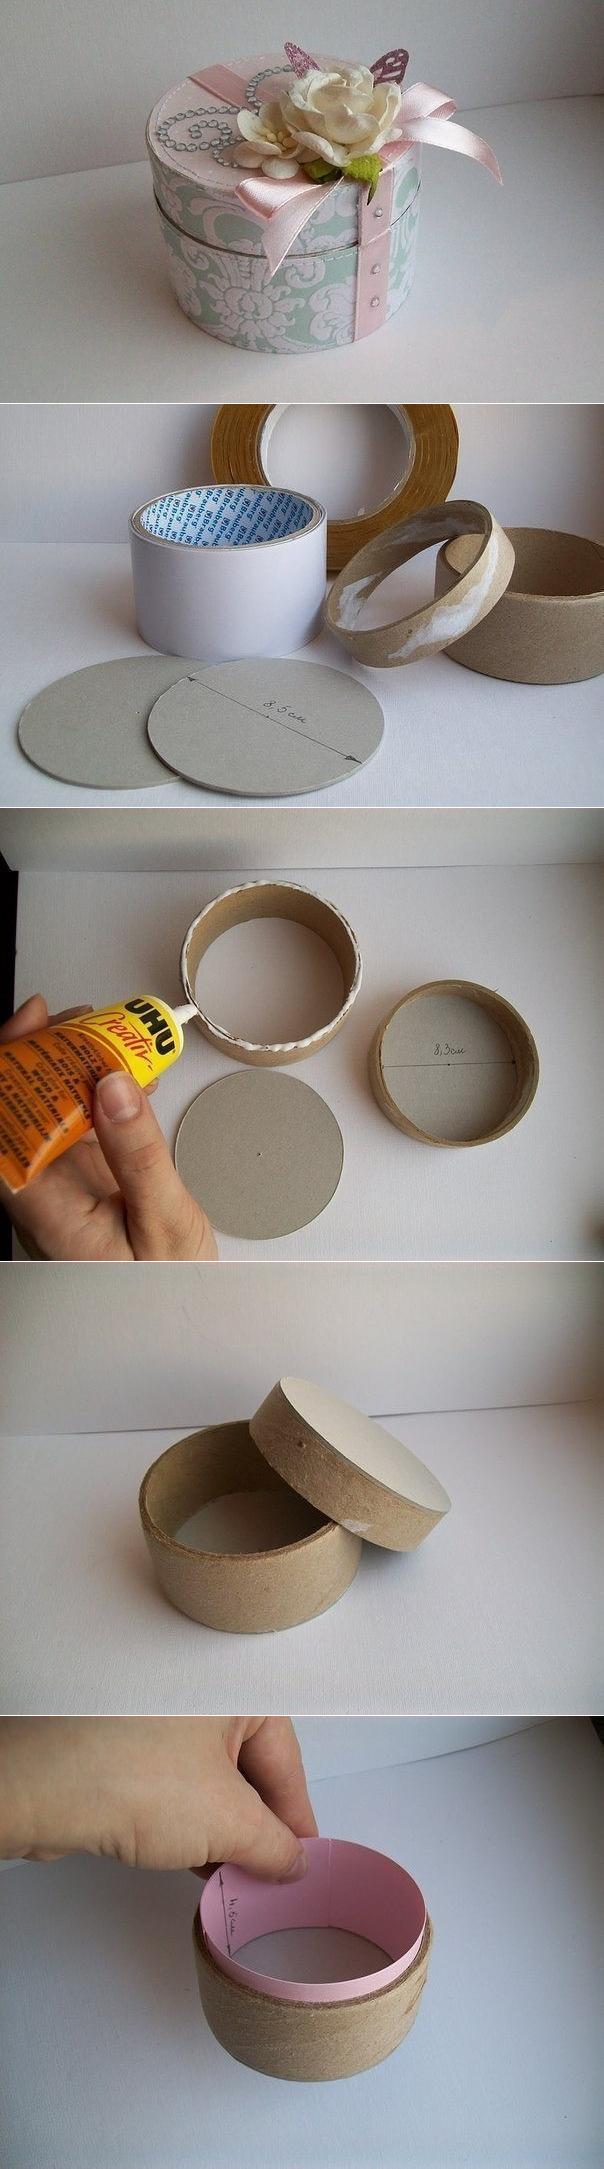 Шкатулка своими руками: инструкция как создать +75 фото